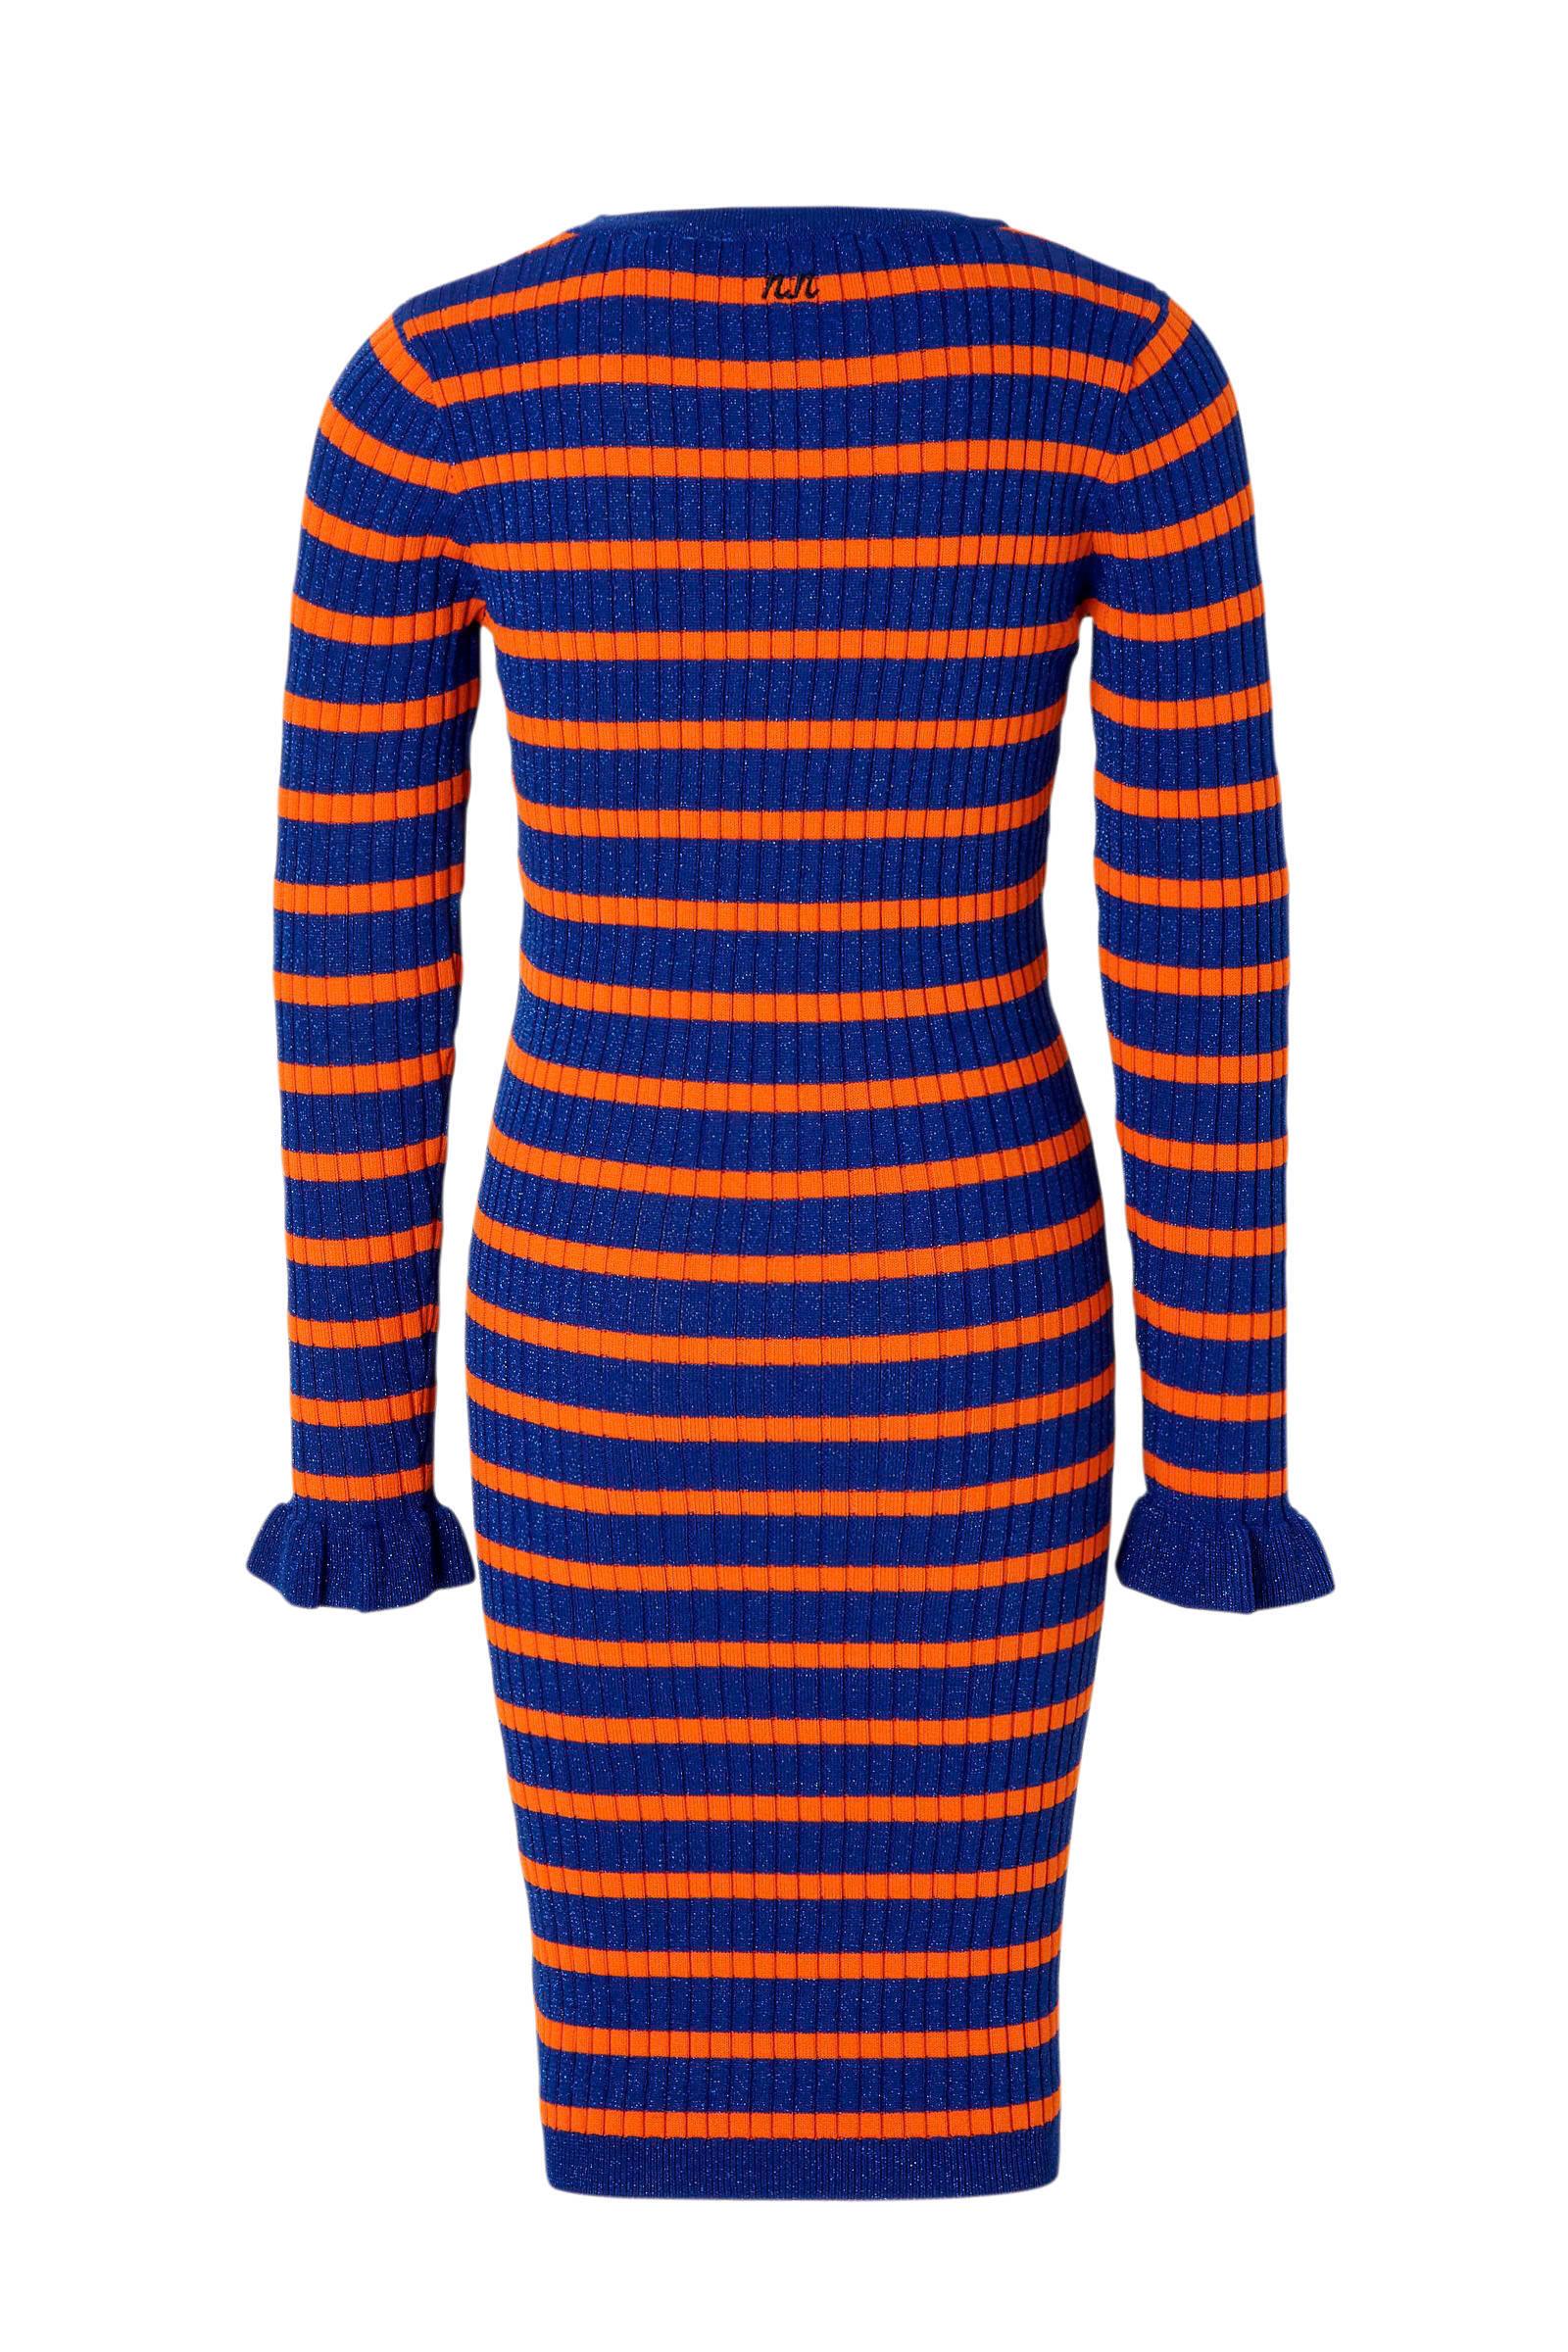 NIK&NIK gestreepte jurk blauworanje | wehkamp